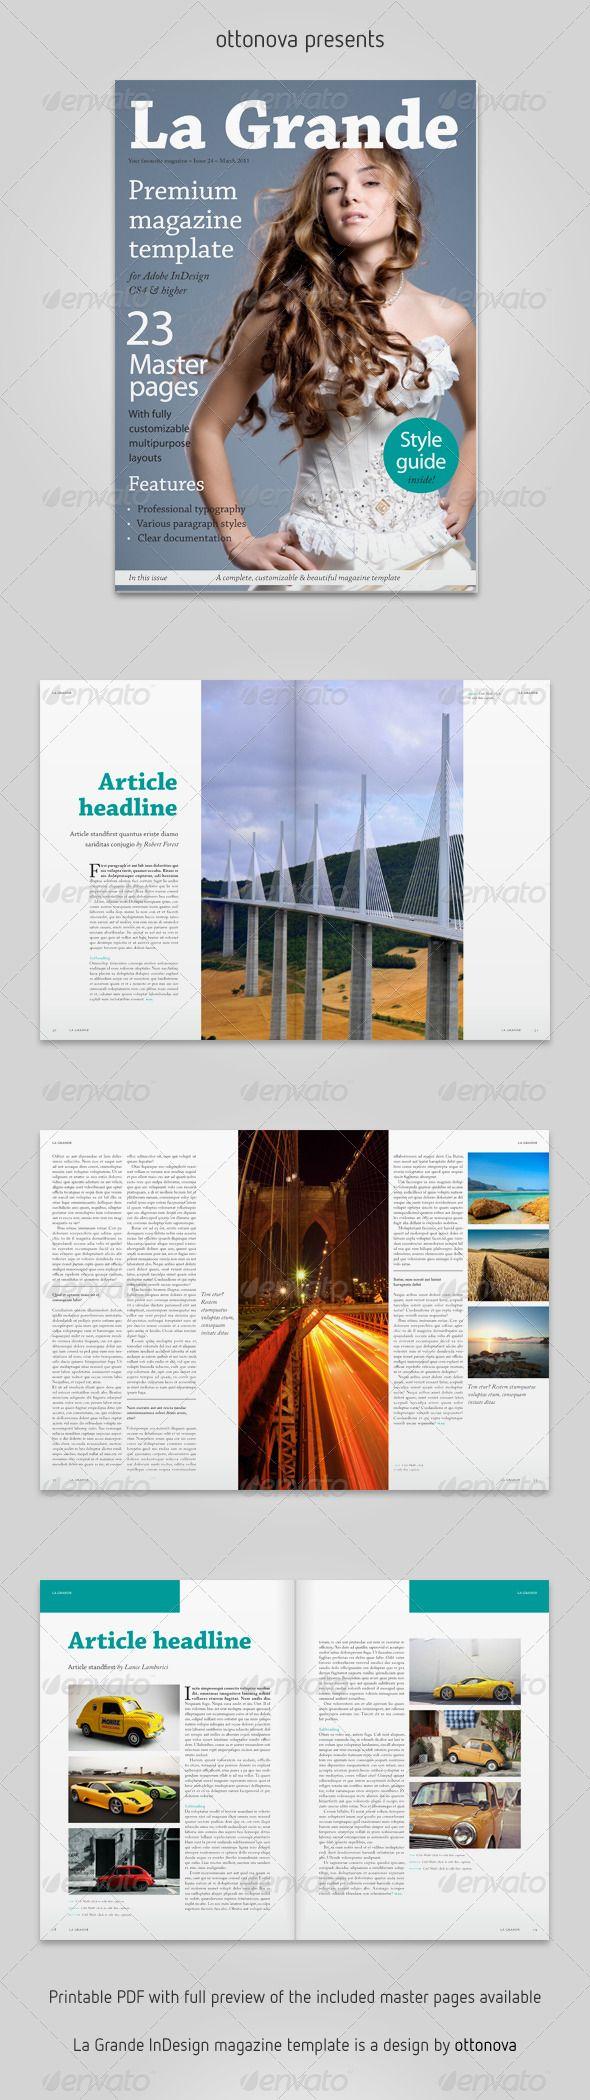 11 best magazine images on pinterest brochures adobe indesign and flyer design. Black Bedroom Furniture Sets. Home Design Ideas